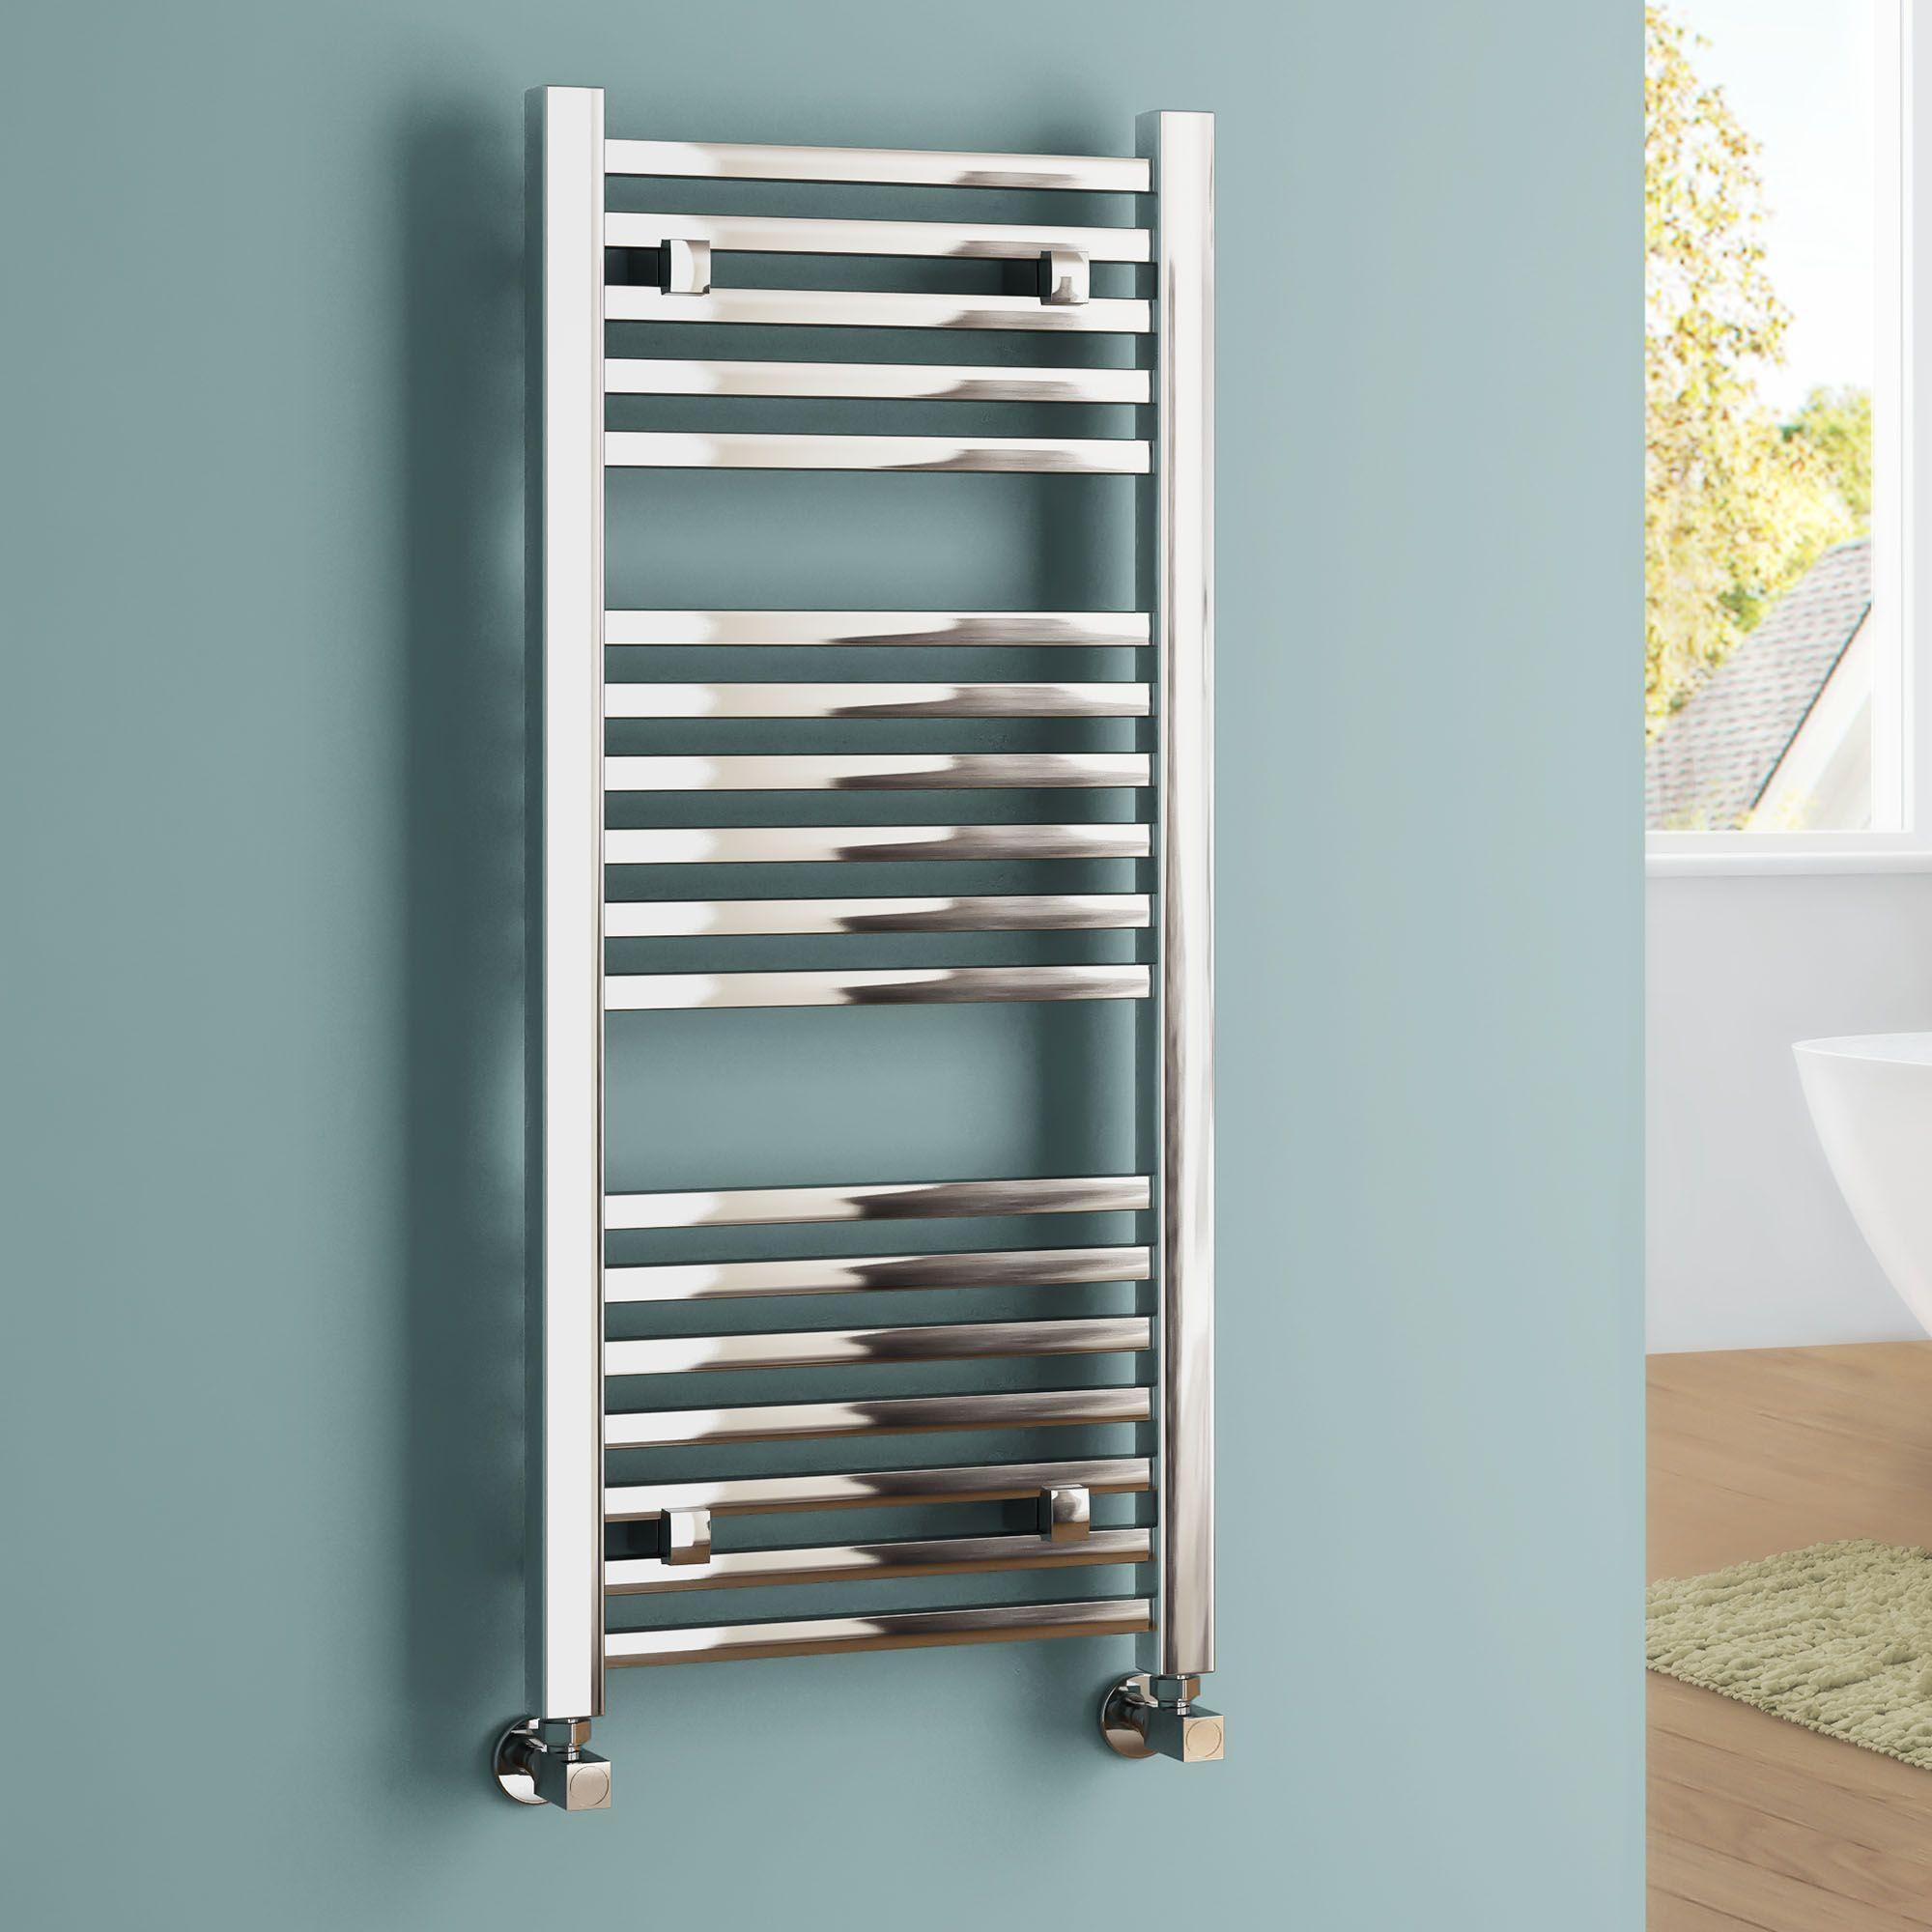 Towel Radiator | Bathroom Radiators | Towel Rail Radiator ...